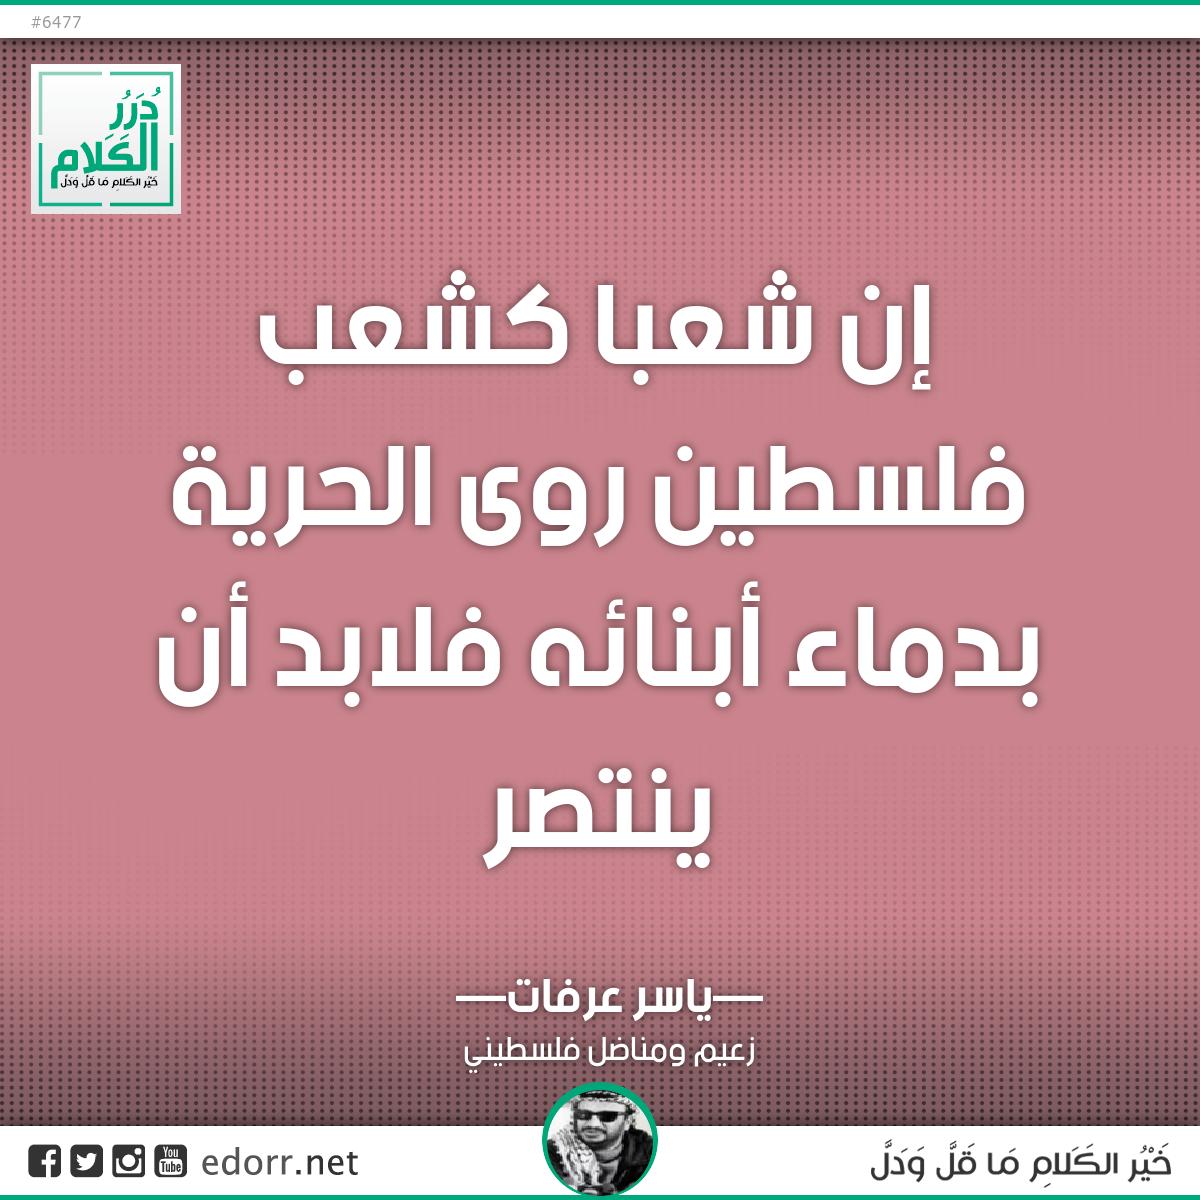 إن شعبا كشعب فلسطين روى الحرية بدماء أبنائه فلابد أن ينتصر.